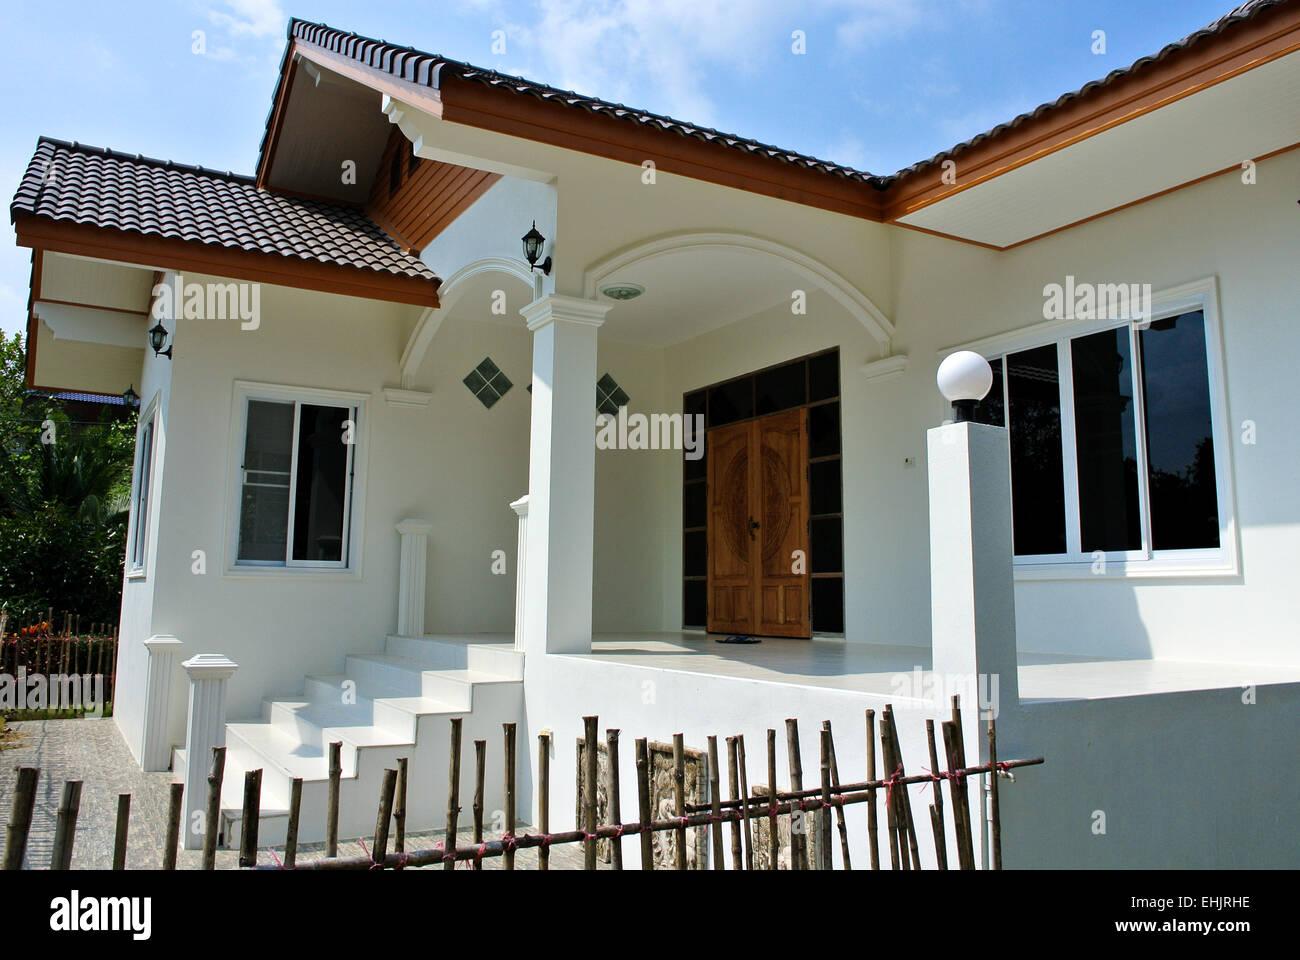 Modern Thai house bungalow Thailand Stock Photo Royalty Free